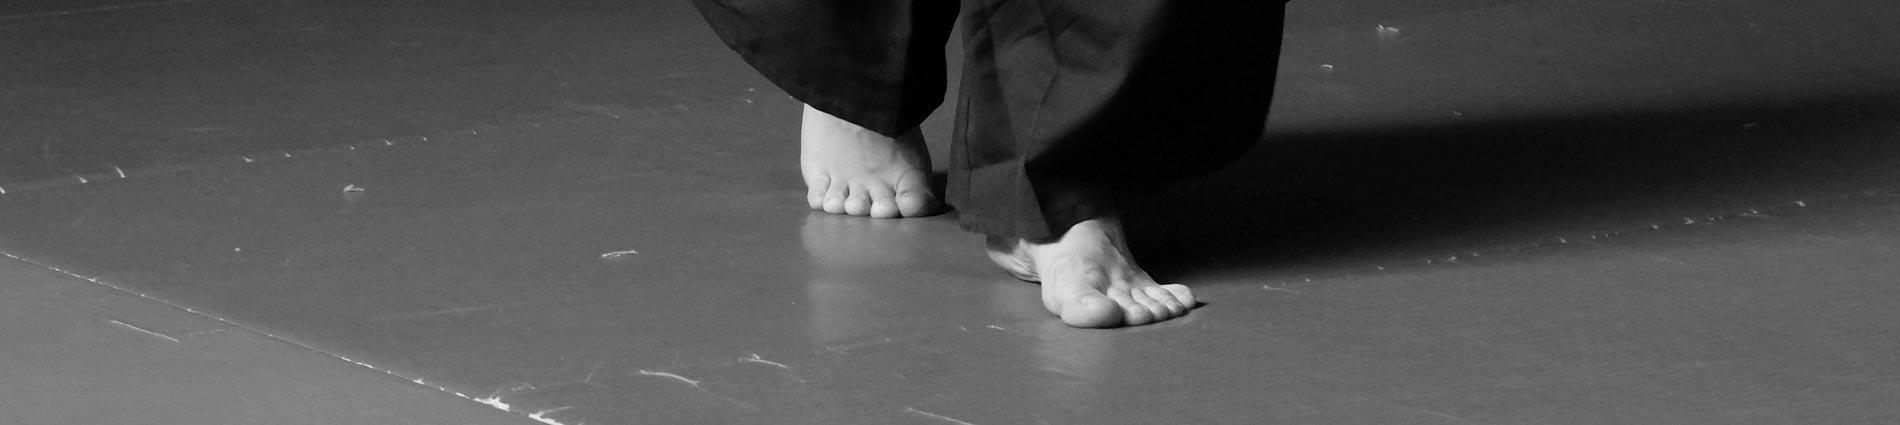 montpellier aikido